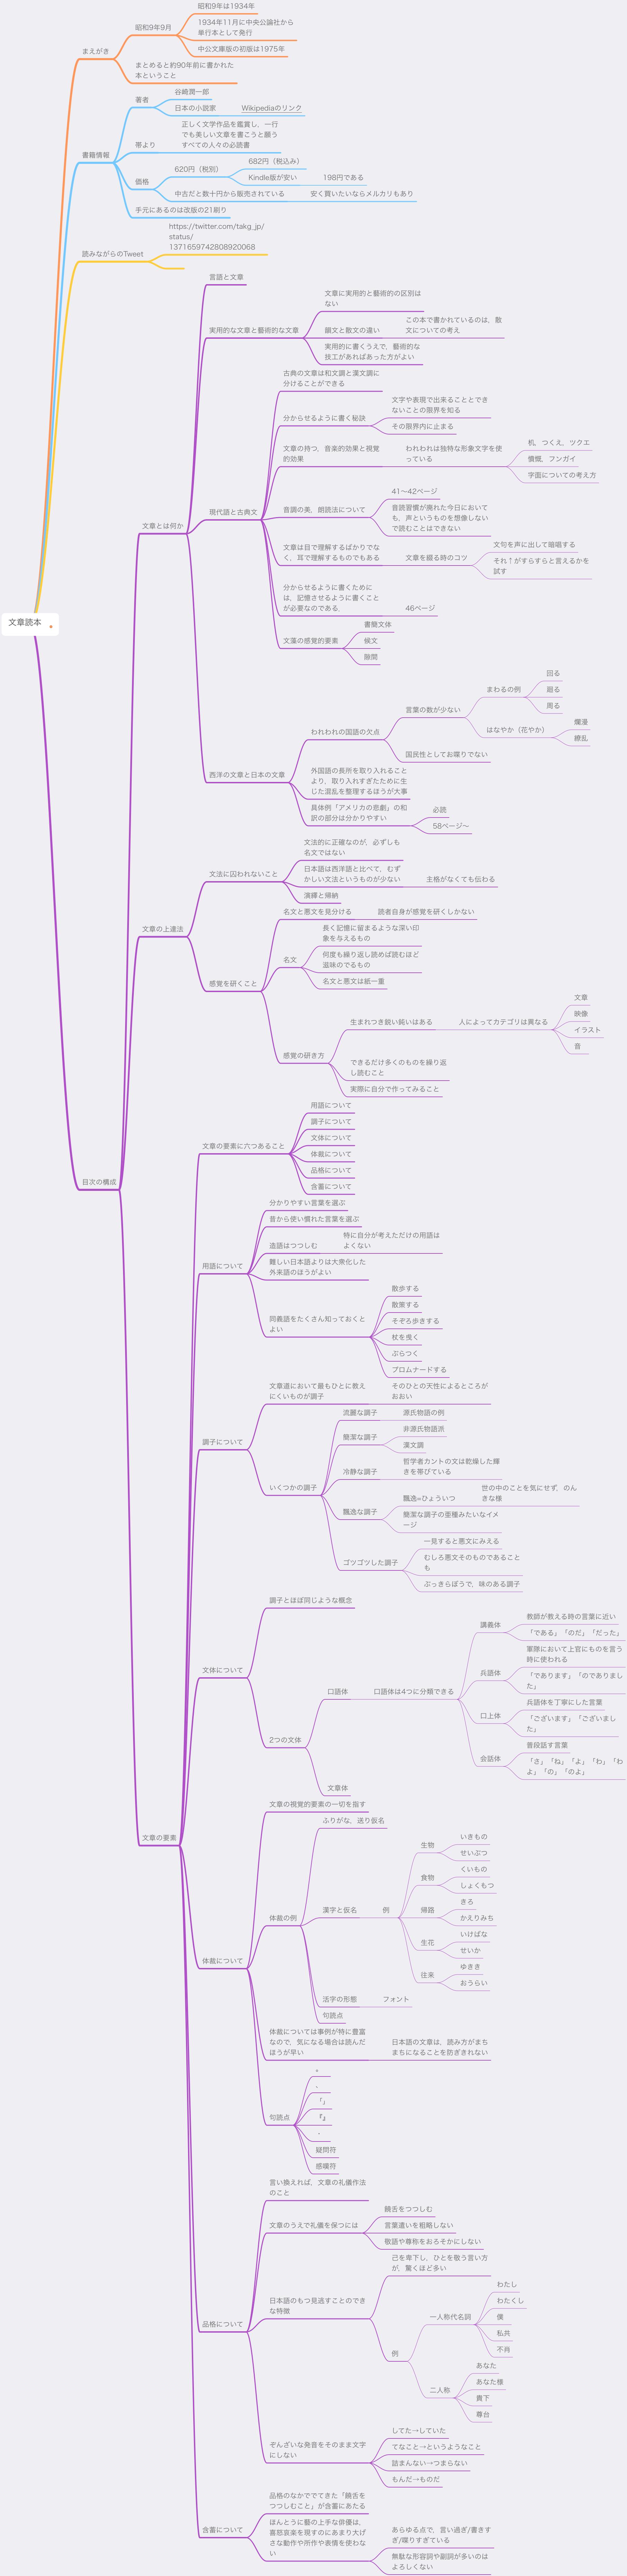 『文章読本』の要点をまとめたマインドマップ.